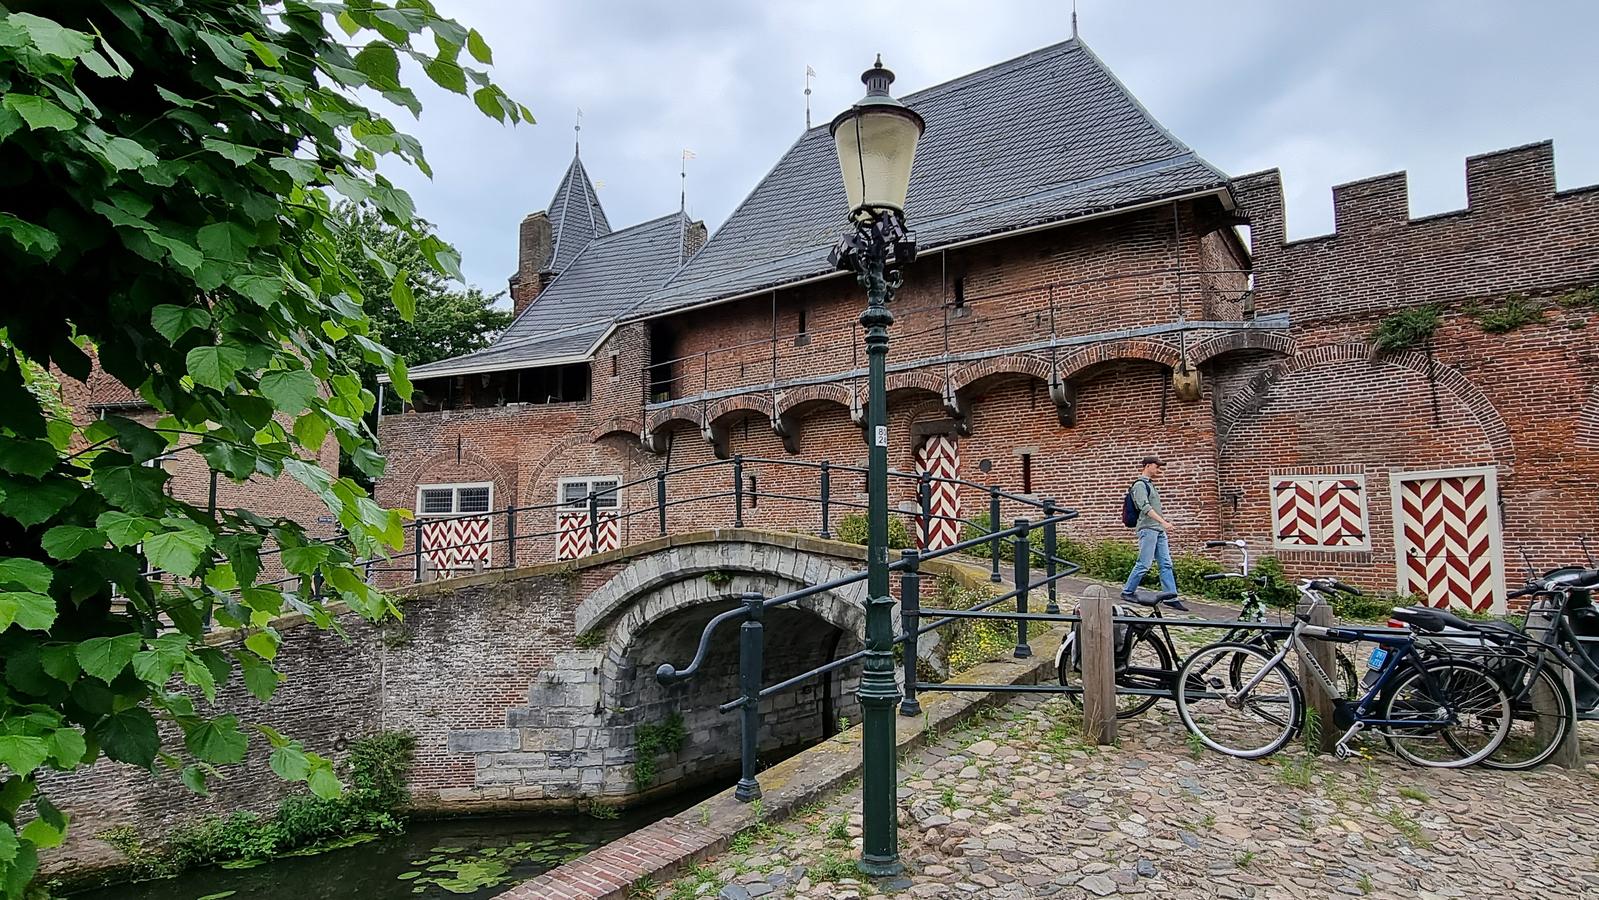 Tipps für Amersfoort, Sehenswürdigkeiten von Amersfoort, Alternative zu Amsterdam, mittelalterliche Stadt in den Niederlanden